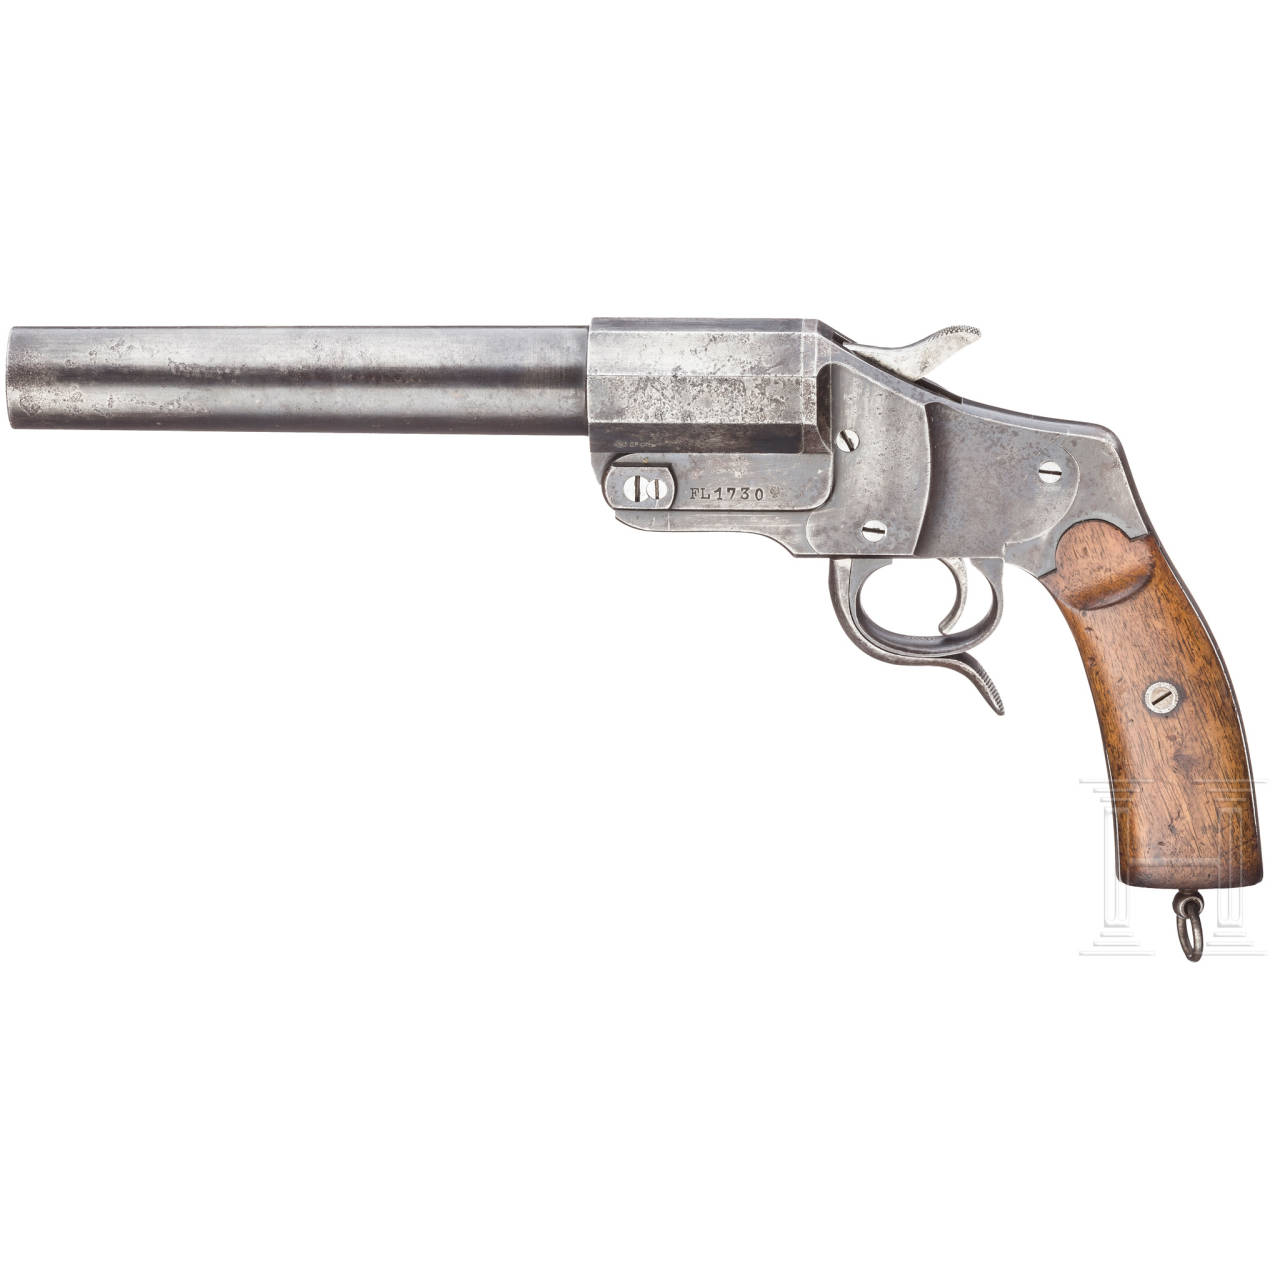 Leuchtpistole Mod. Hebel, SN FL1730